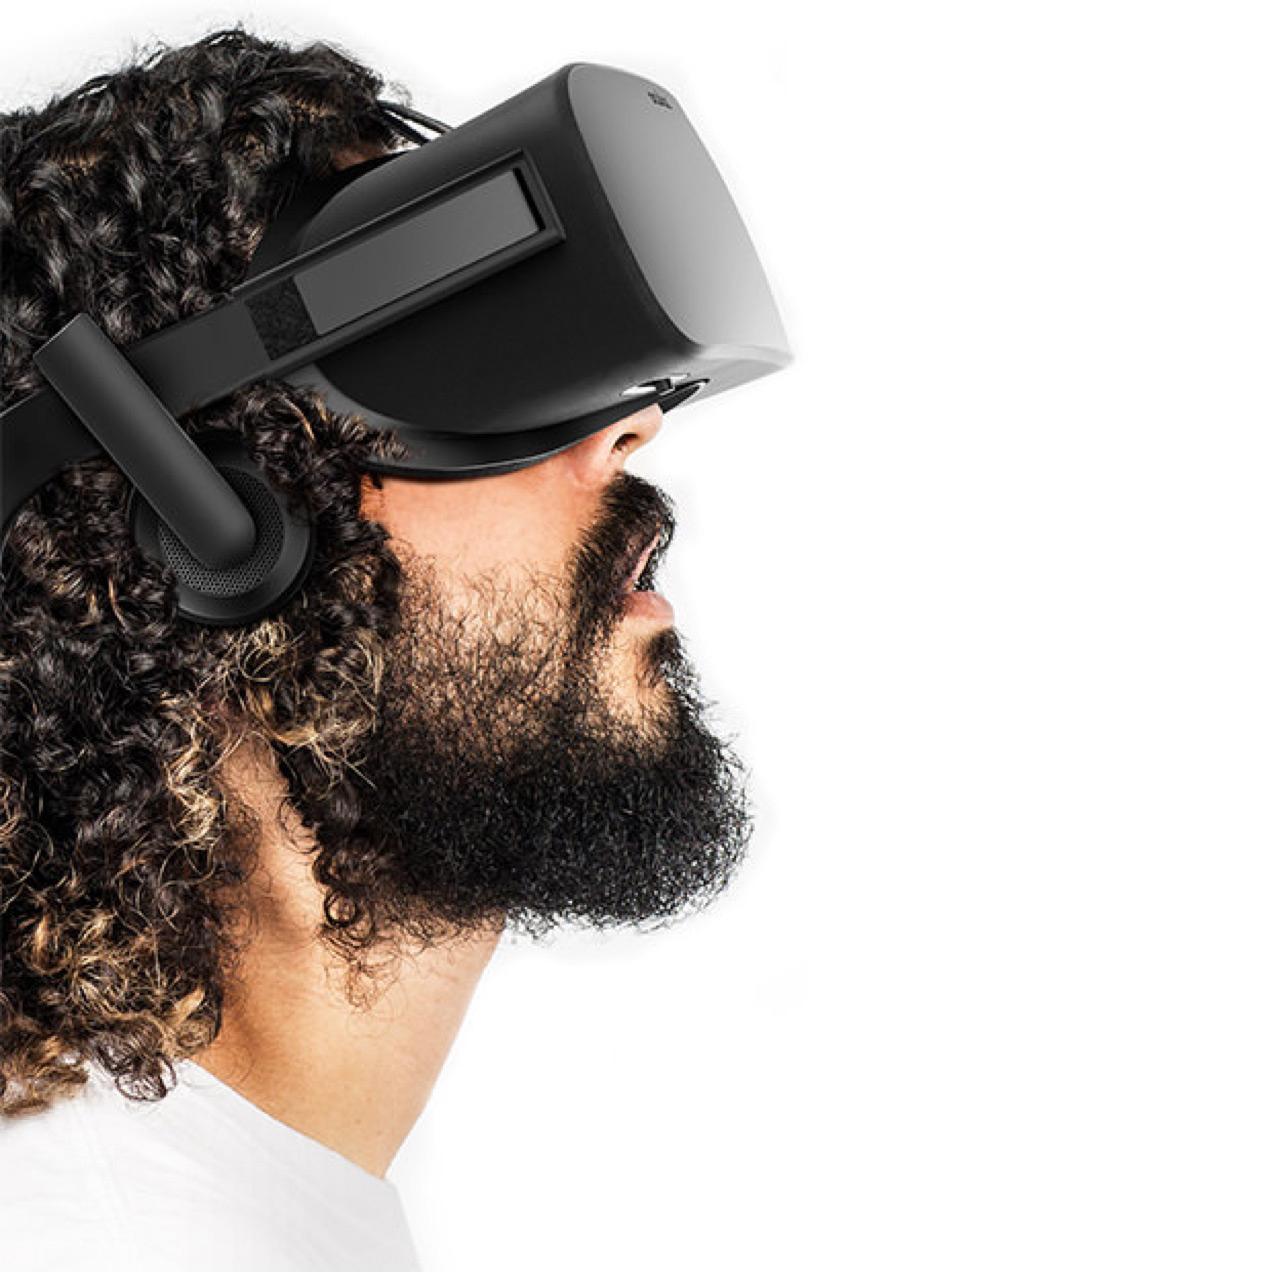 Oculus Rift VR + Touch Controller inkl. 3 Games für 555 Euro @Mediamarkt